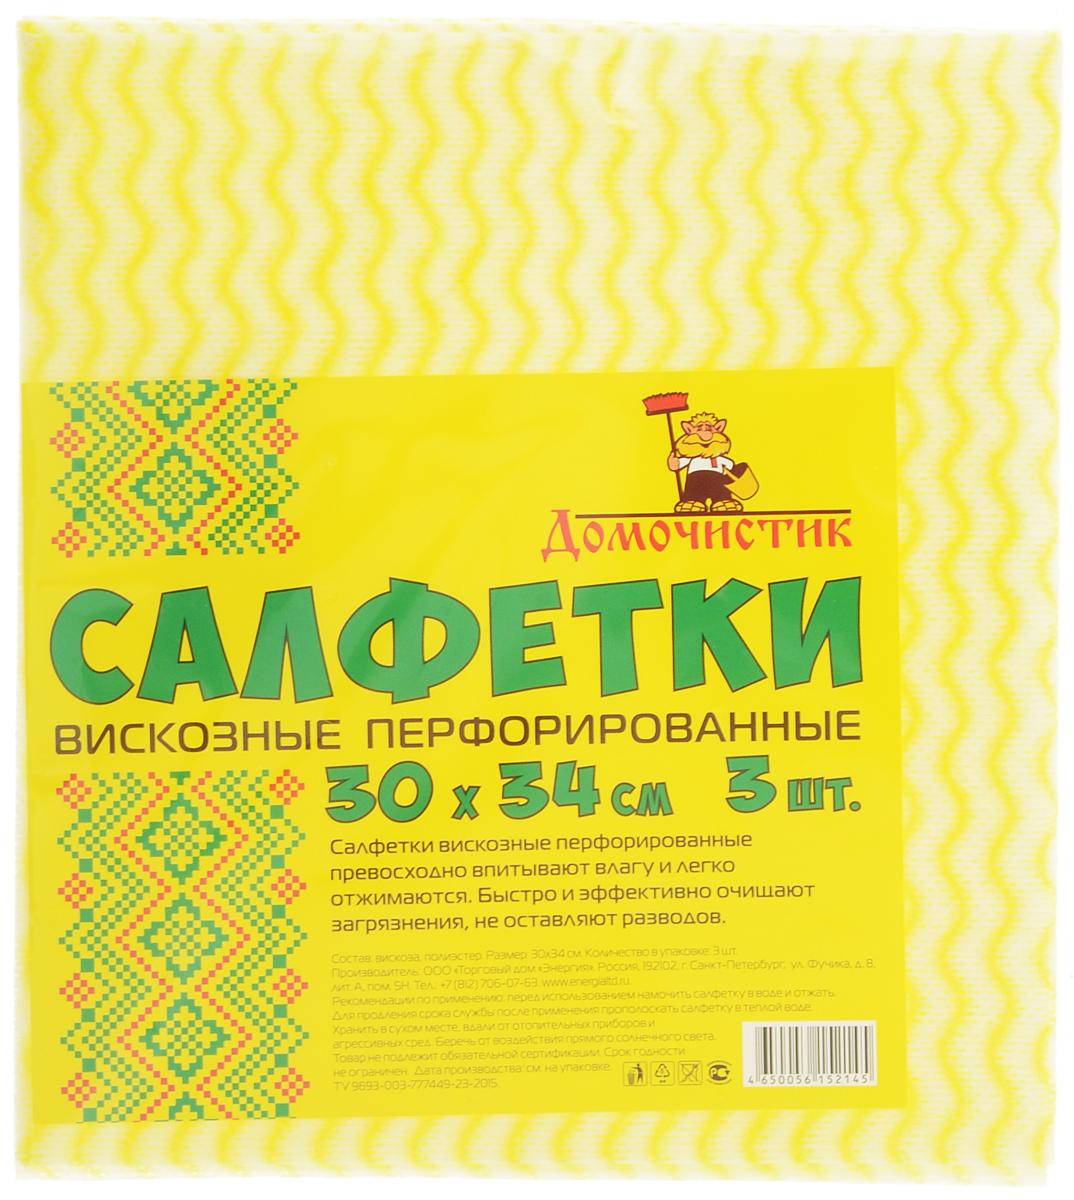 Салфетка для уборки Домочистик из вискозы, перфорированная, цвет: желтый, белый, 30 x 34 см, 3 шт. 1300613006Перфорированные вискозные салфетки для уборки Домочистик превосходно впитывают влагу и легко отжимаются. Быстро и эффективно очищают загрязнения, не оставляют разводов. В комплект входят 3 салфетки. Размер салфеток: 30 х 34 см.